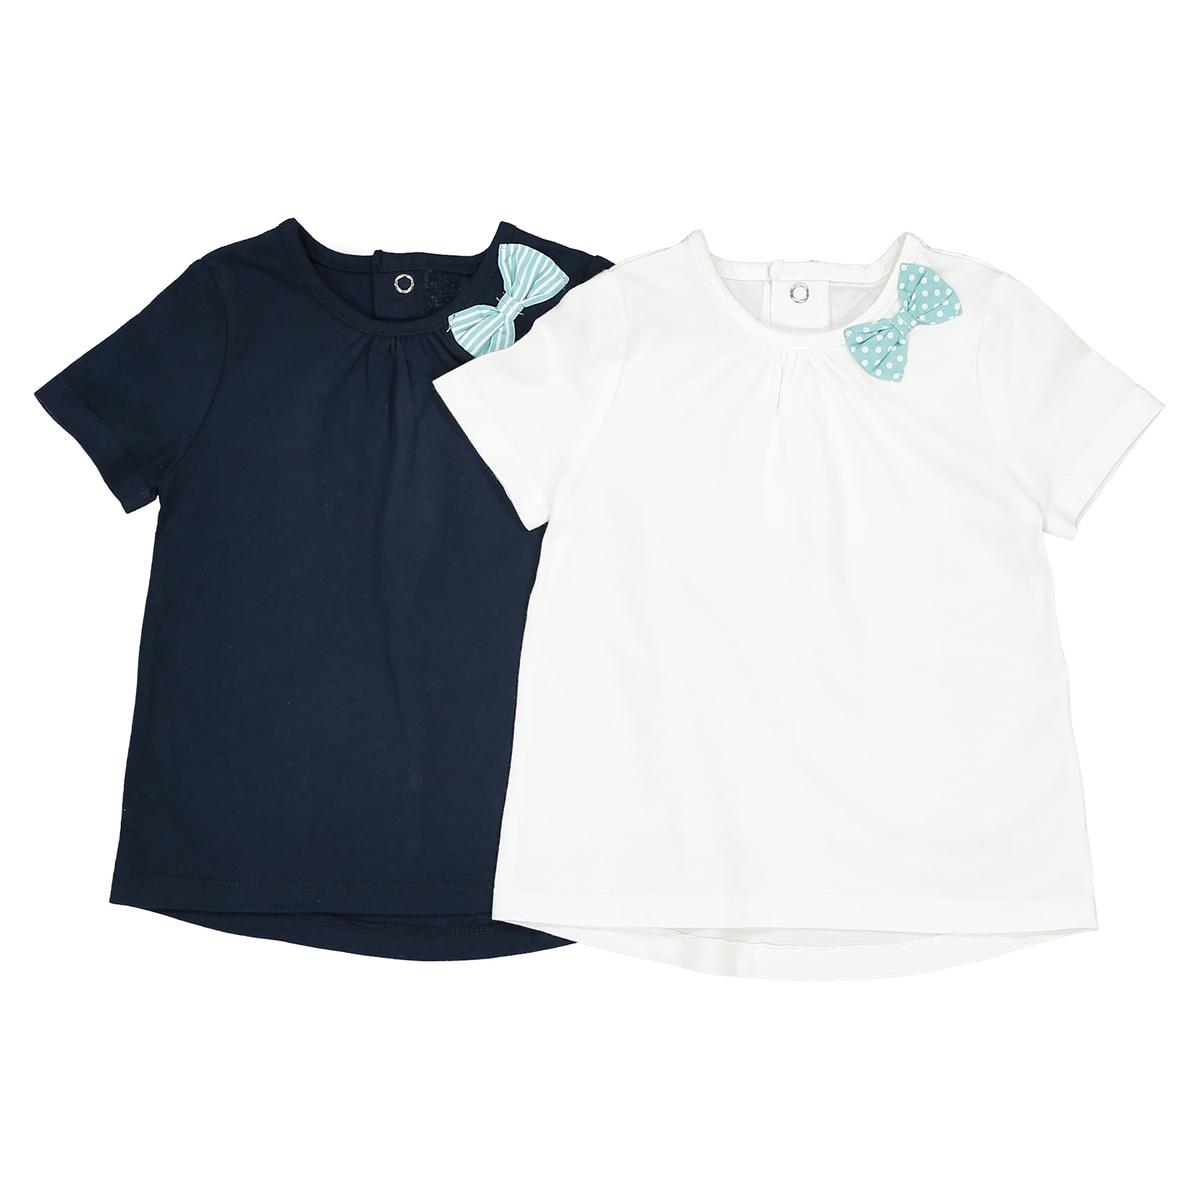 Комплект из 2 футболок с бантом сбоку, 1 мес. - 3 года